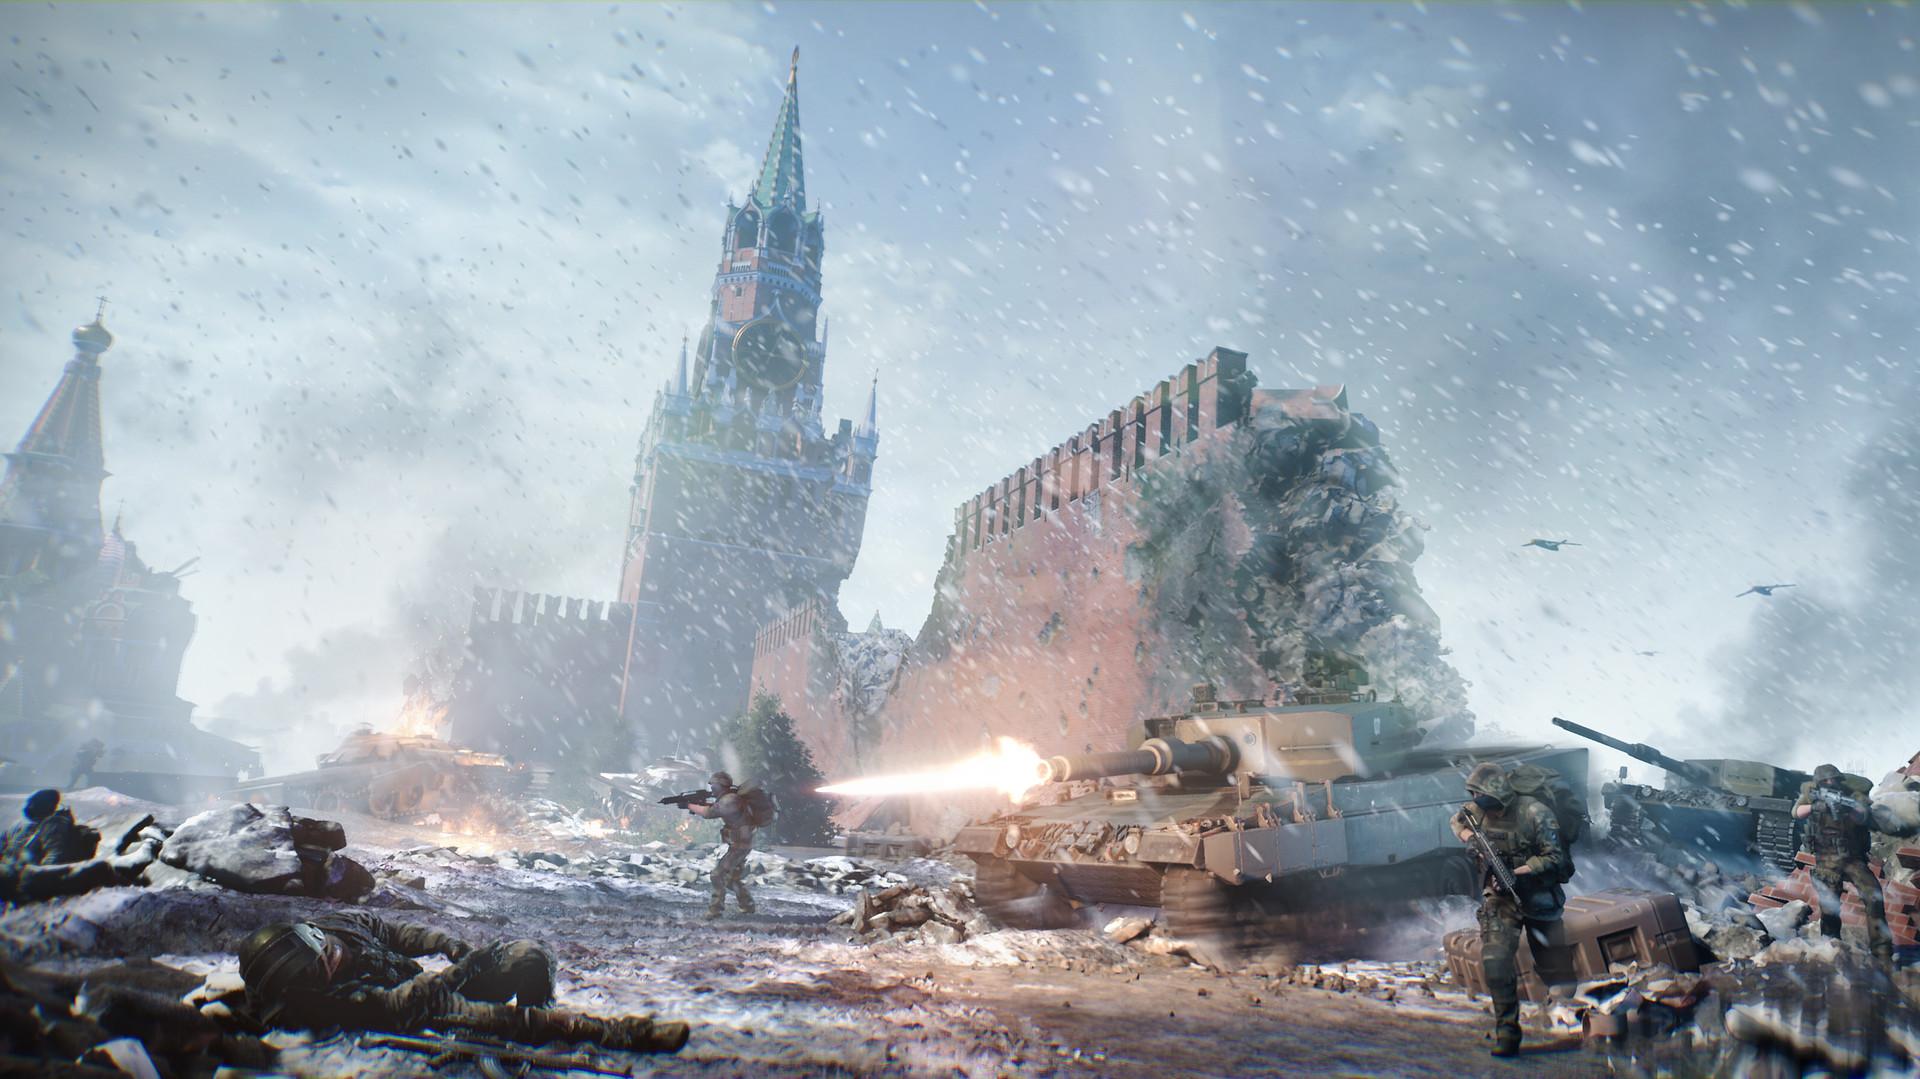 《第三次世界大战》将有亚服 明日抢先体验流畅厮杀